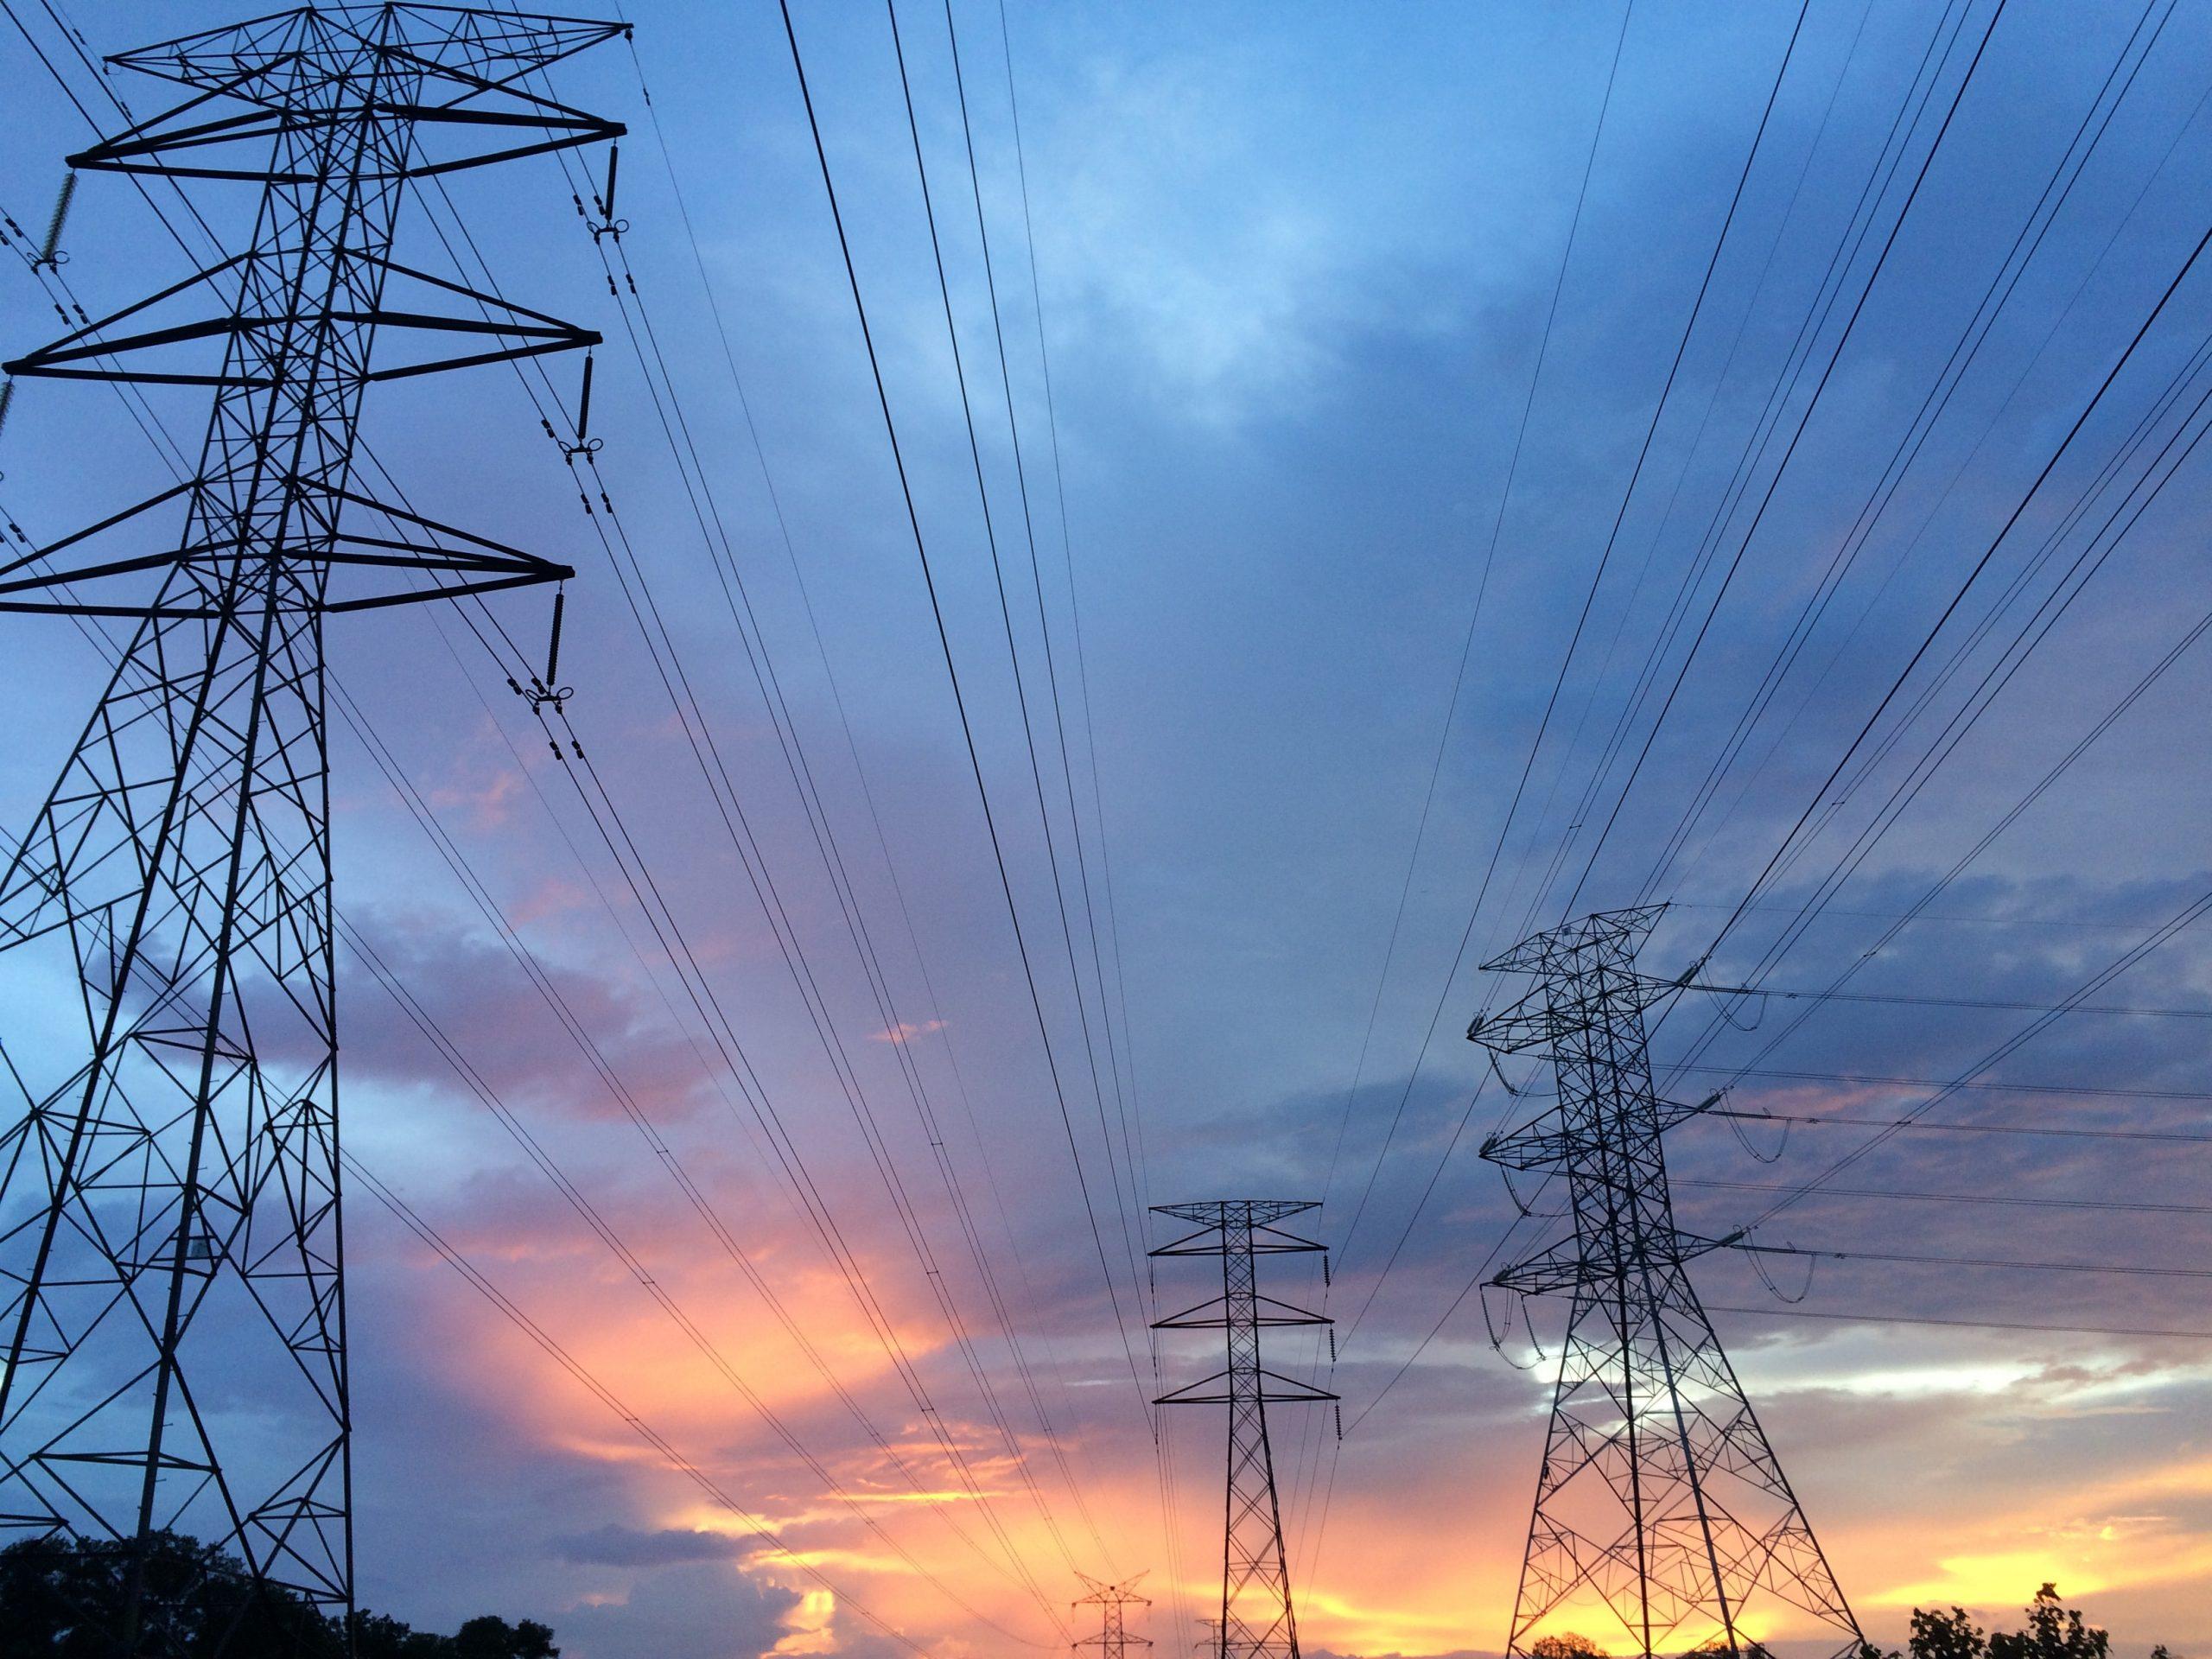 El Salvador: tarifa de energía bajará 9.74% en primer trimestre de 2020